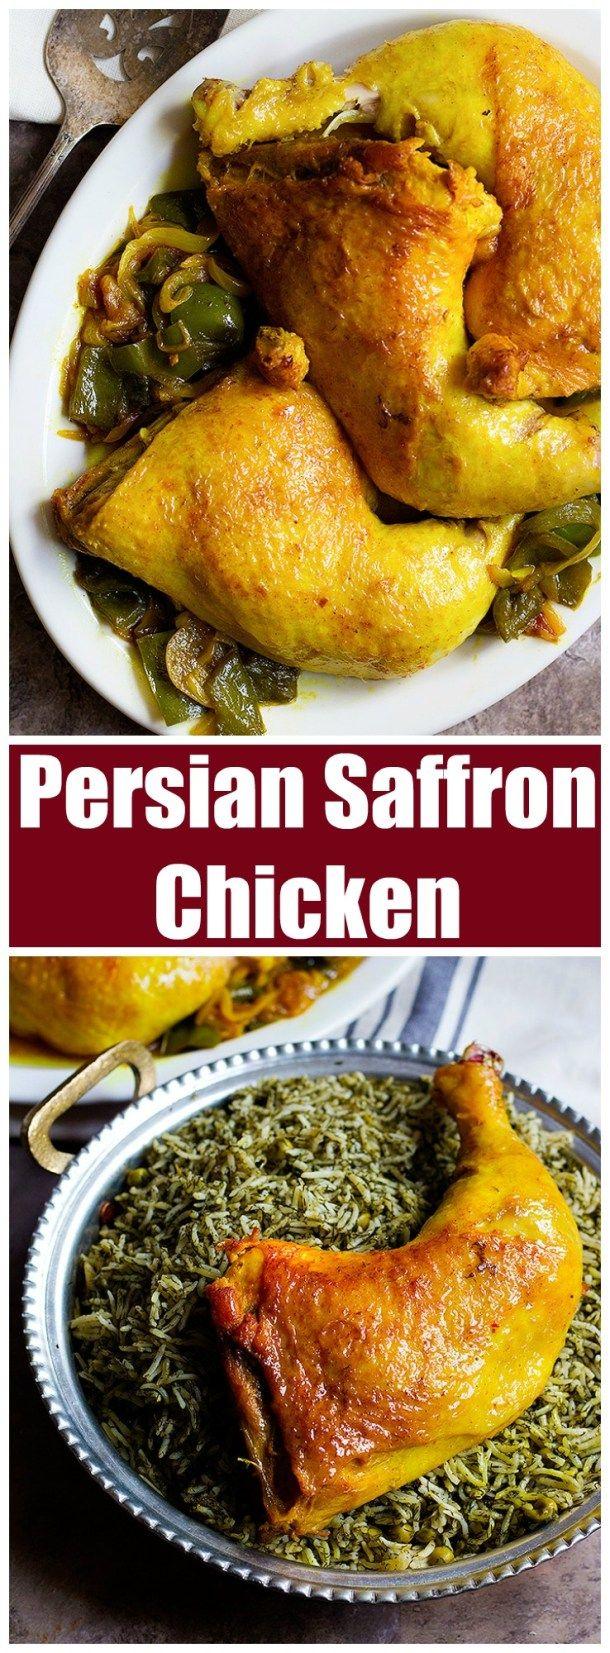 Saffron Chicken | Persian Chicken | Chicken with Saffron | Persian Chicken Recipe | Persian Recipes | Persian food recipes | Persian Cuisine | Middle Eastern Chicken Recipe | Easy Chicken Recipe | Unicornsinthekitchen.com